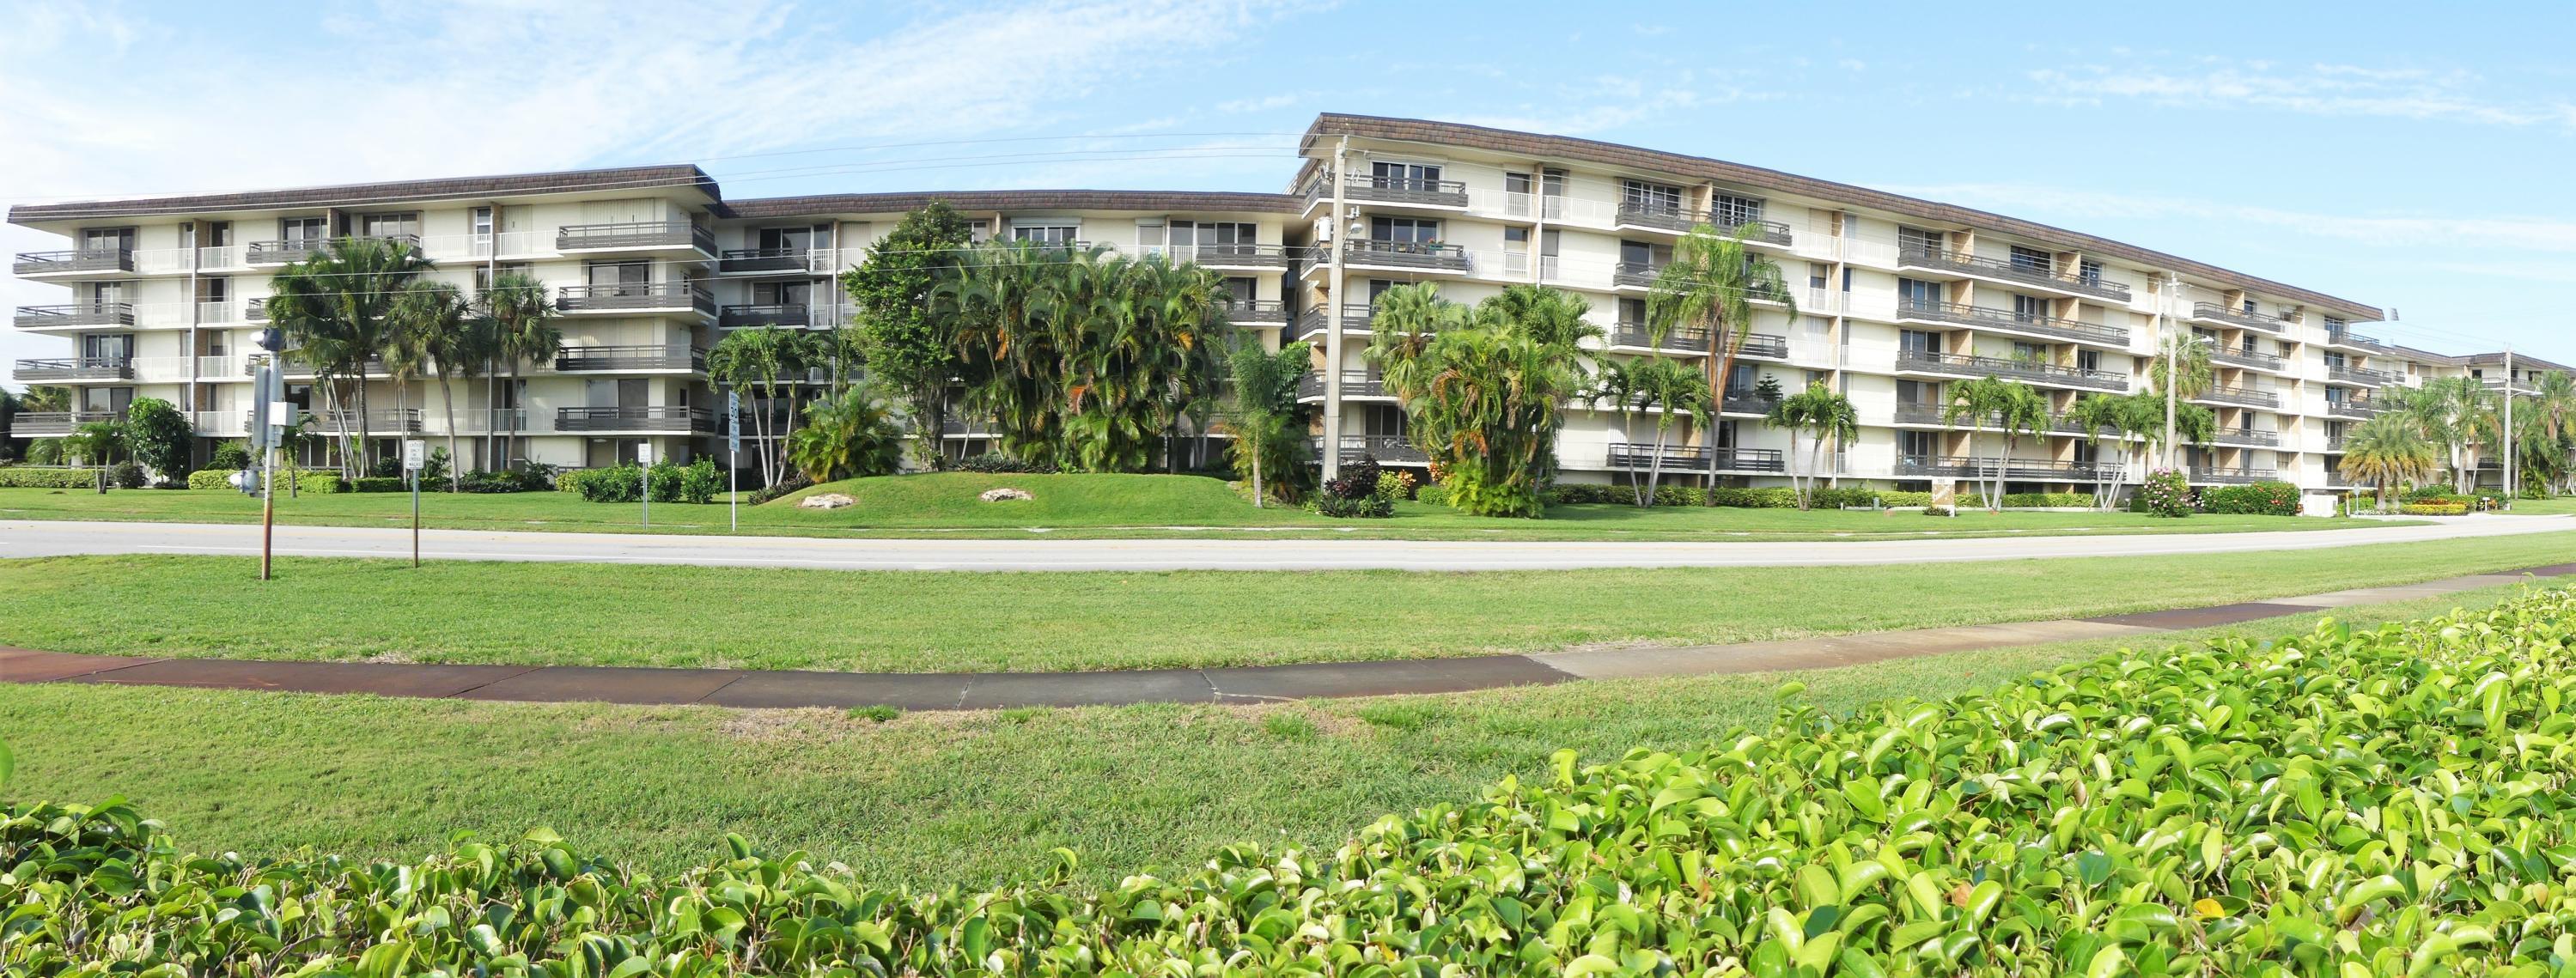 Home for sale in Starlite Condo Association Boca Raton Florida